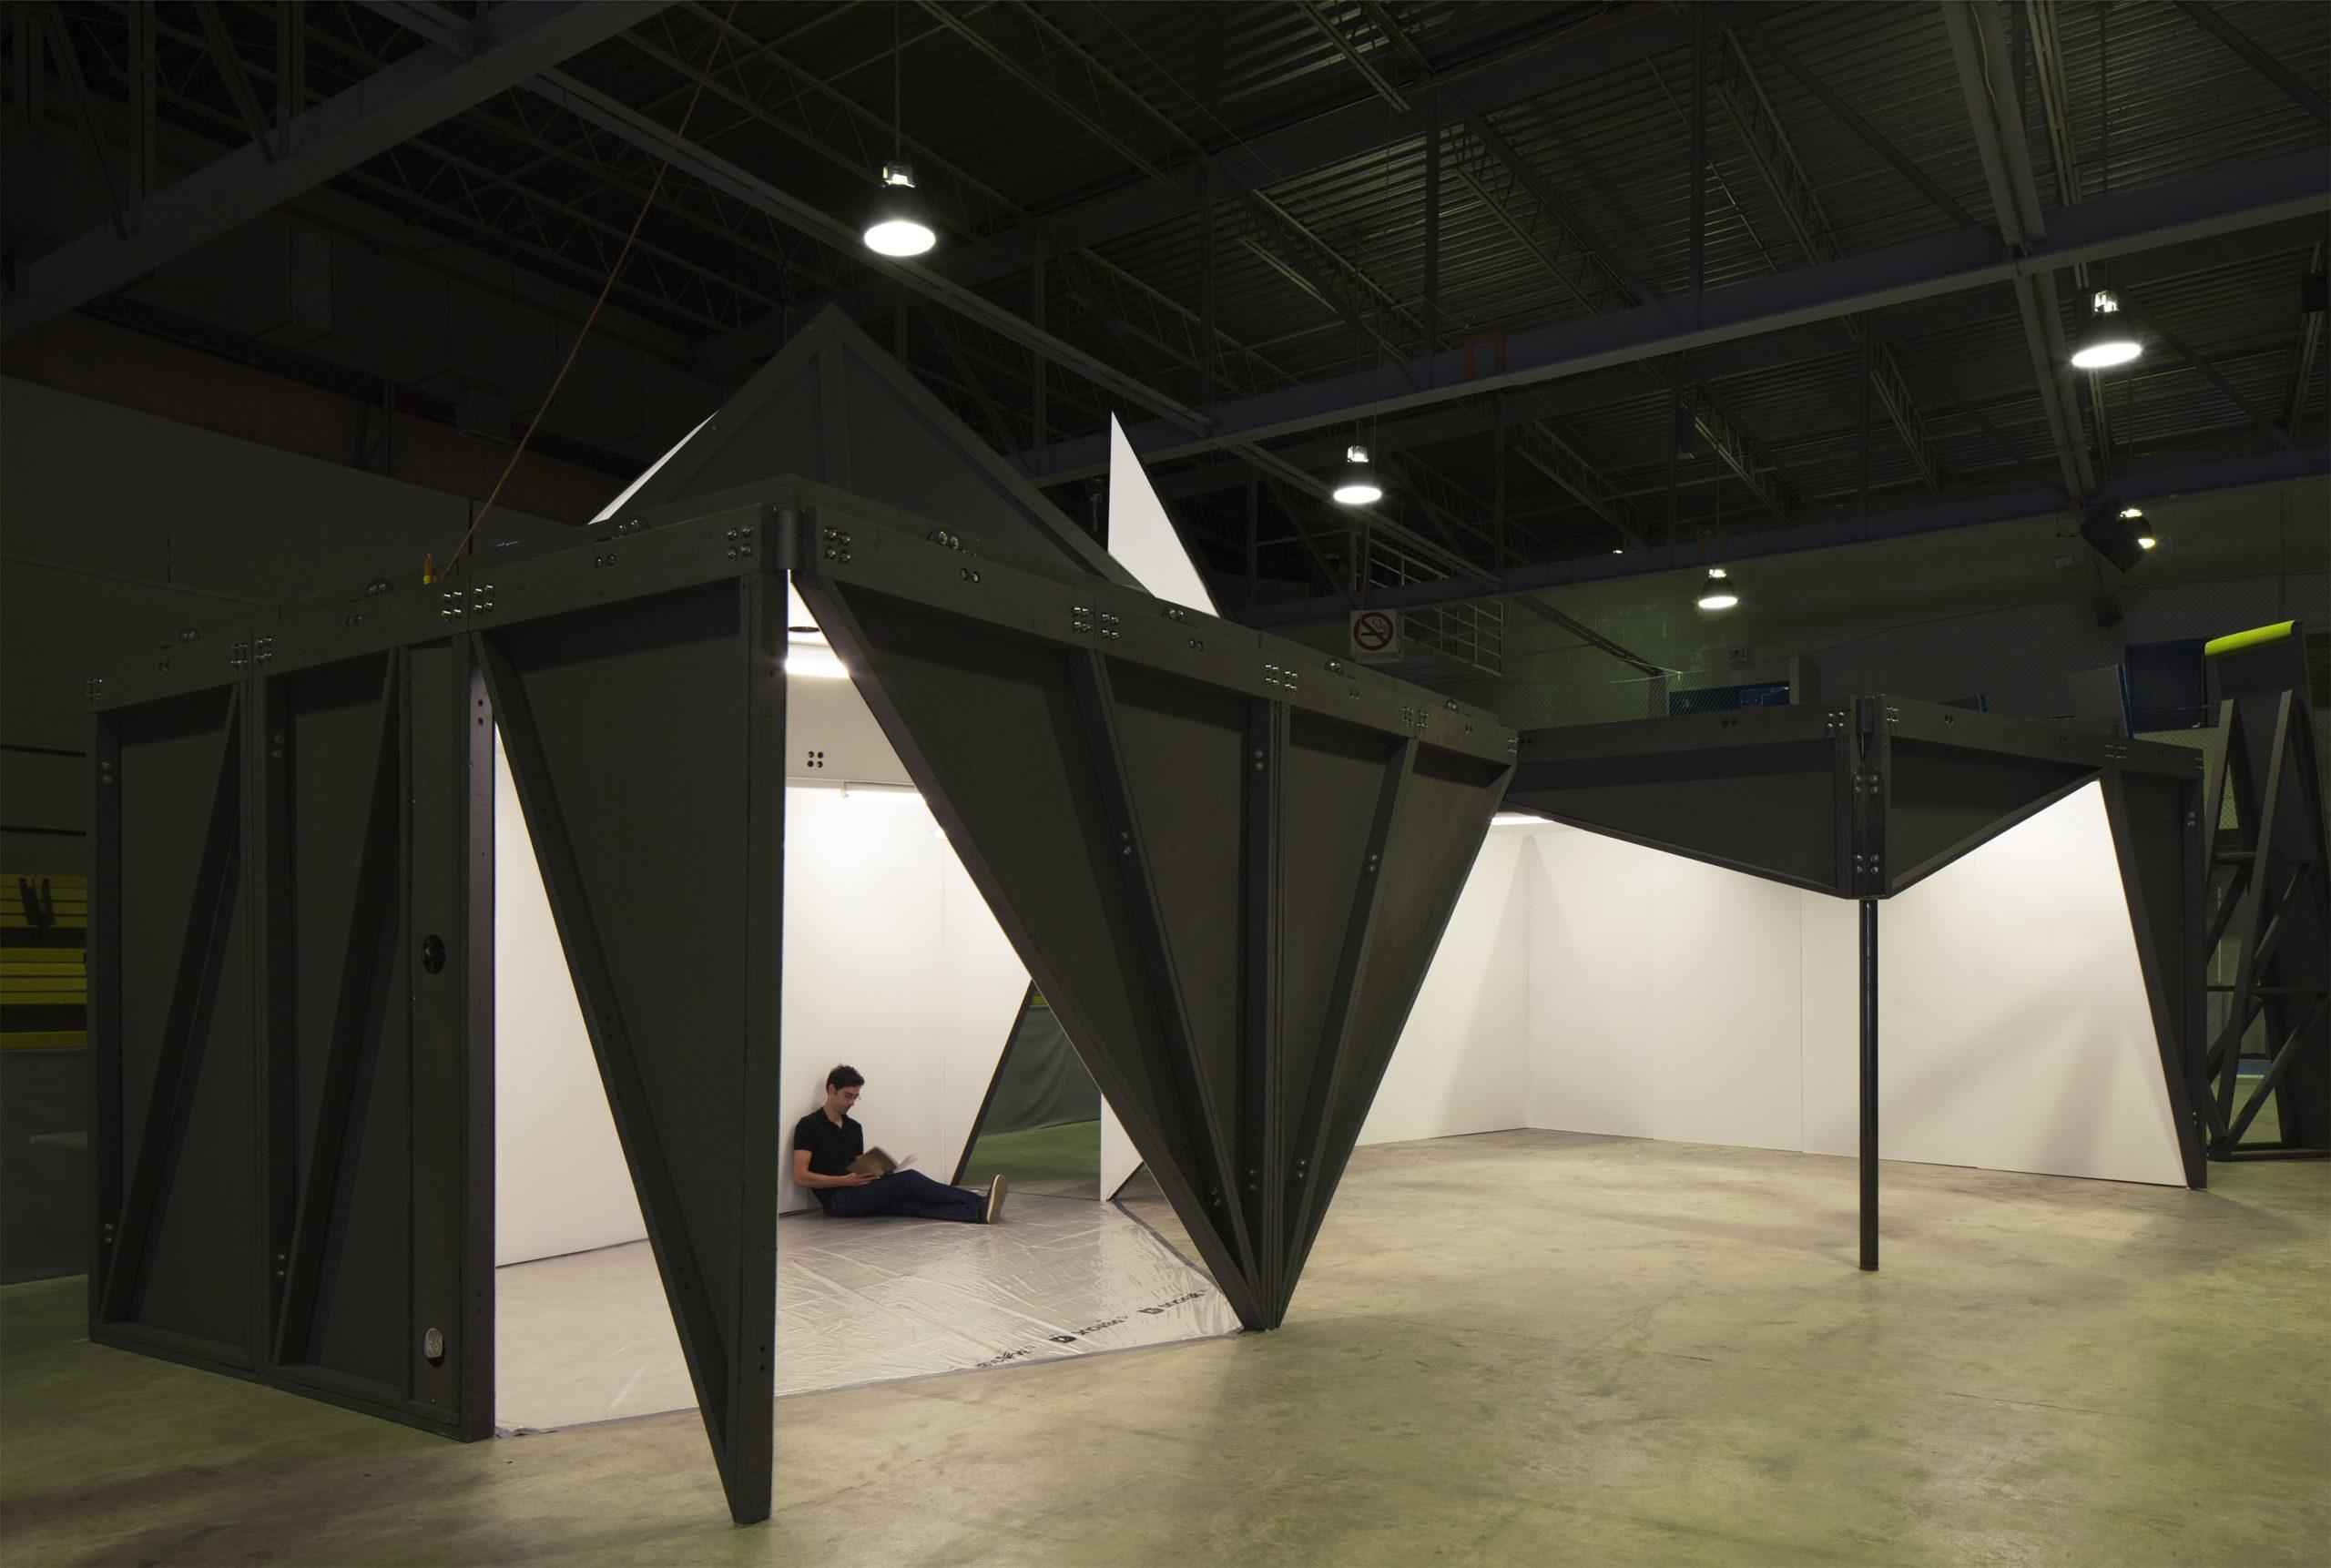 Symposium international d'art contemporain de Baie-Saint-Paul Cecobois 2